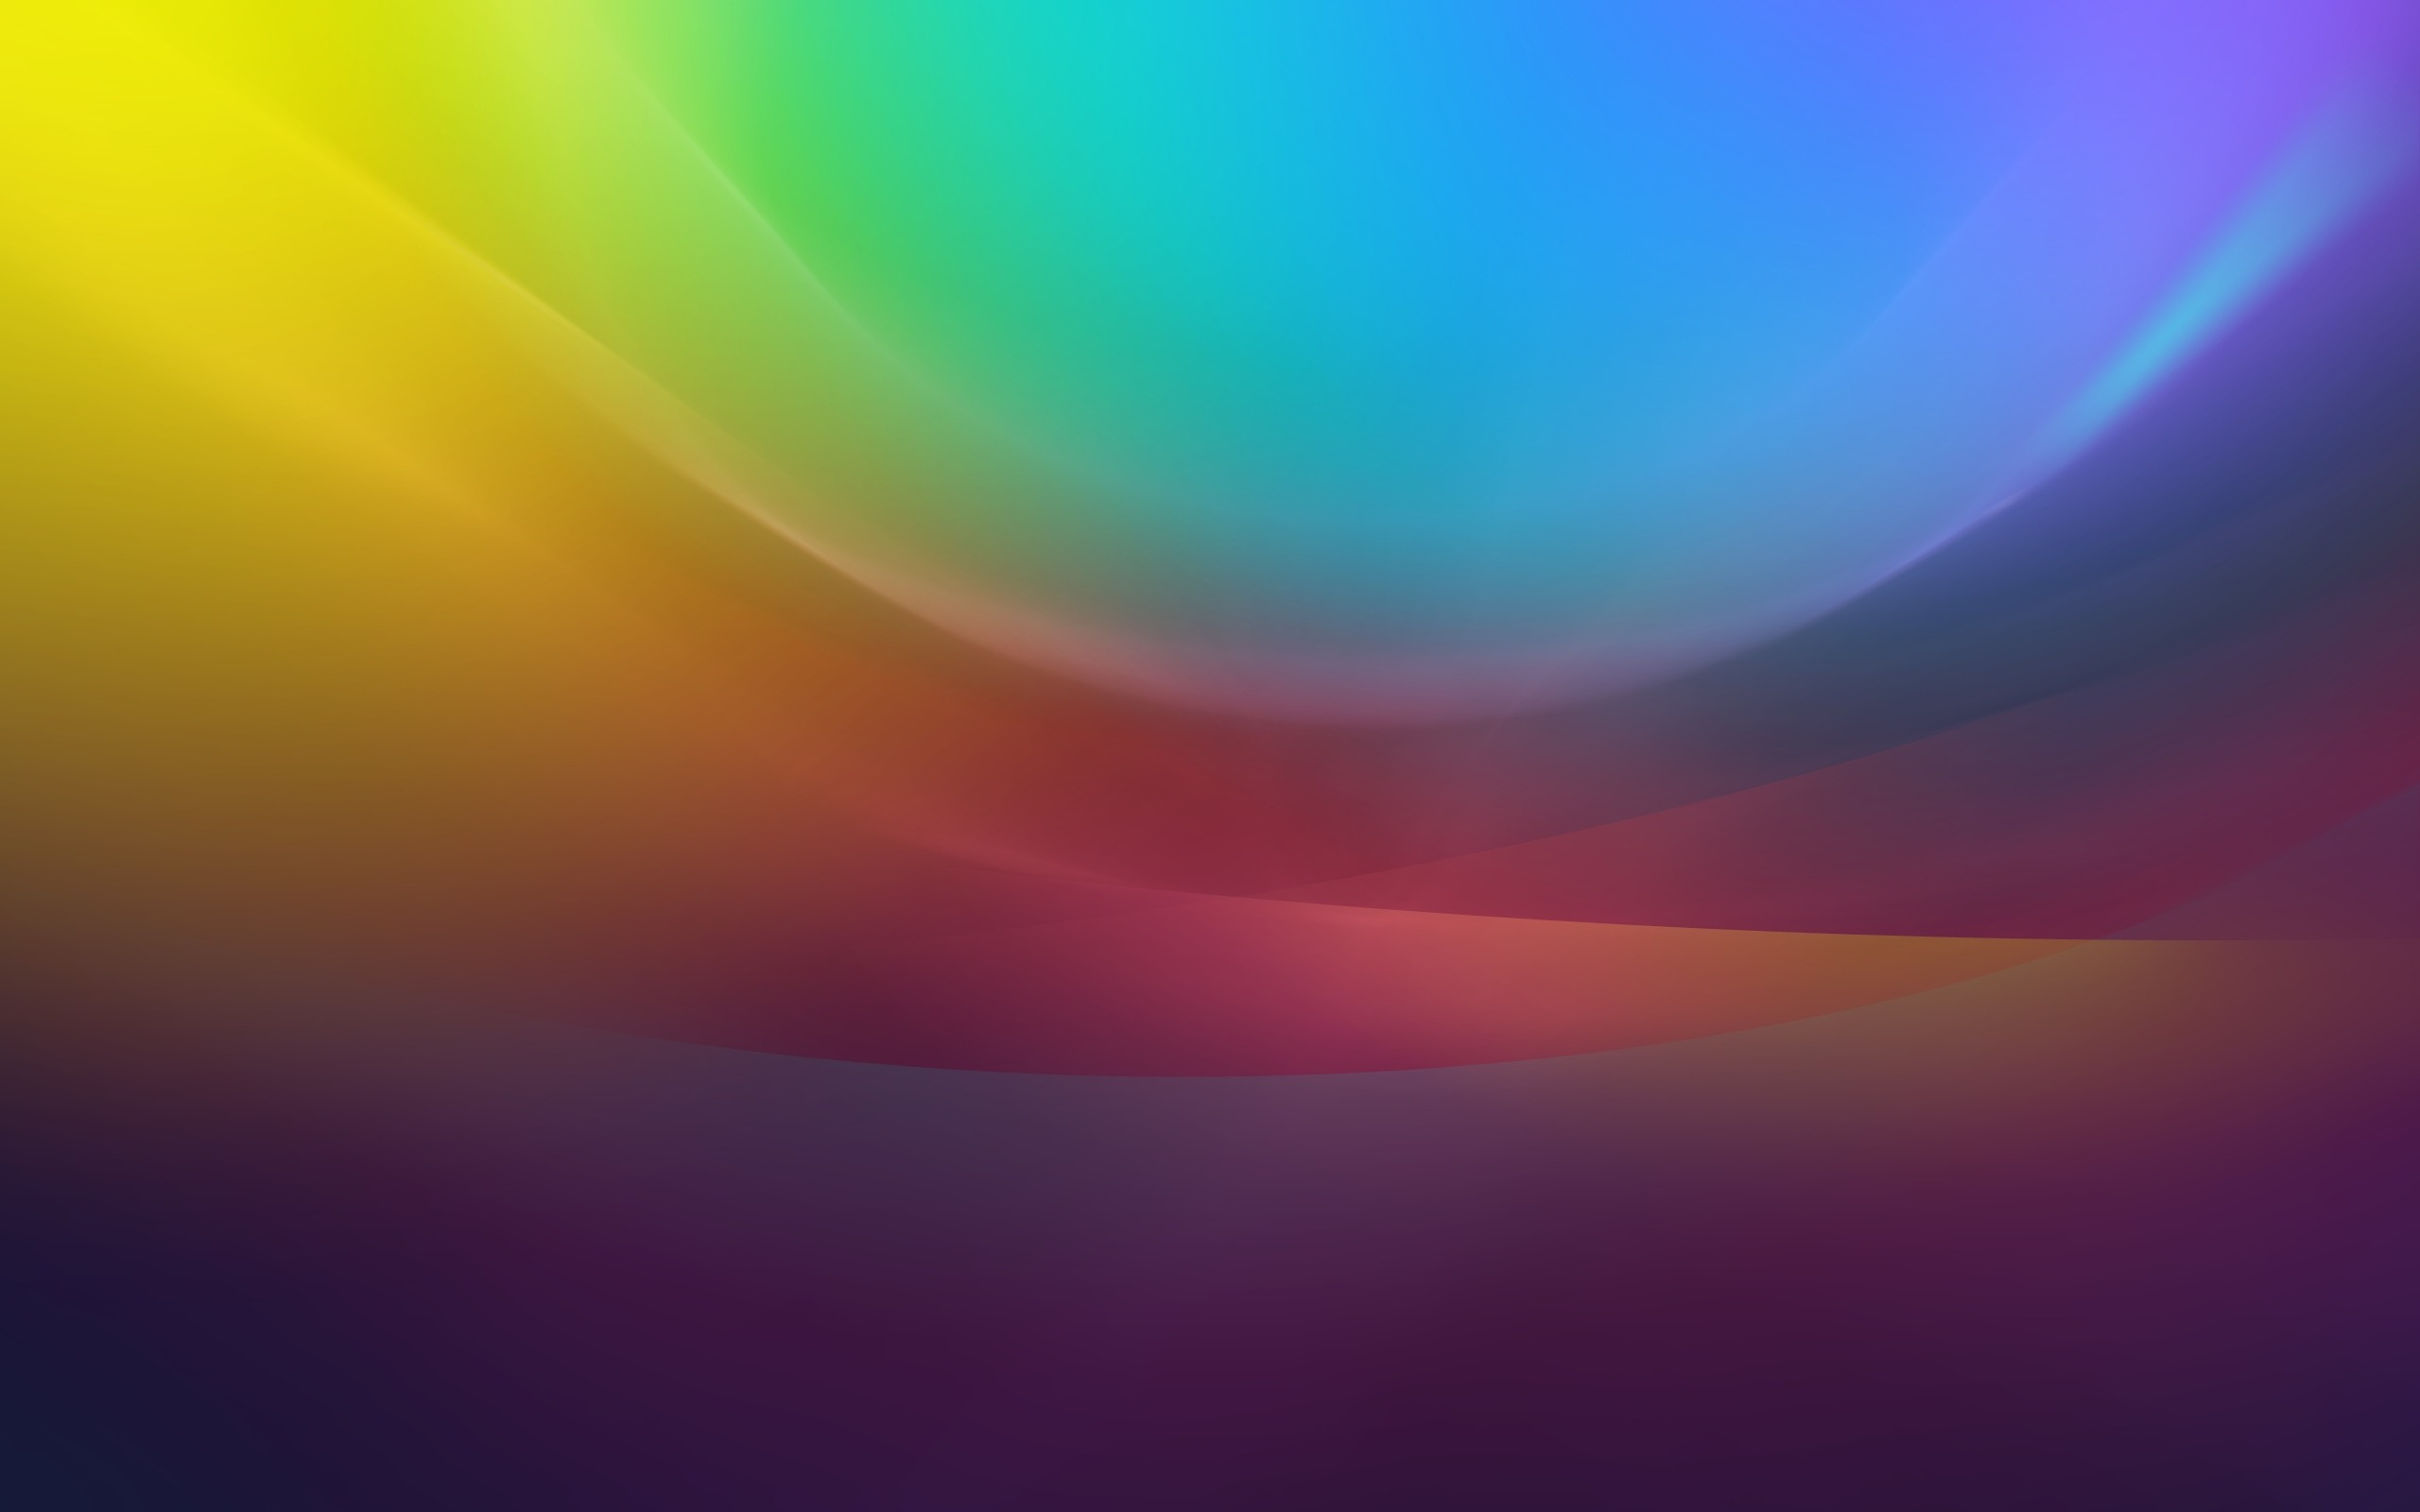 ライン明るい背景 抽象的な壁紙プレビュー 10wallpaper Com